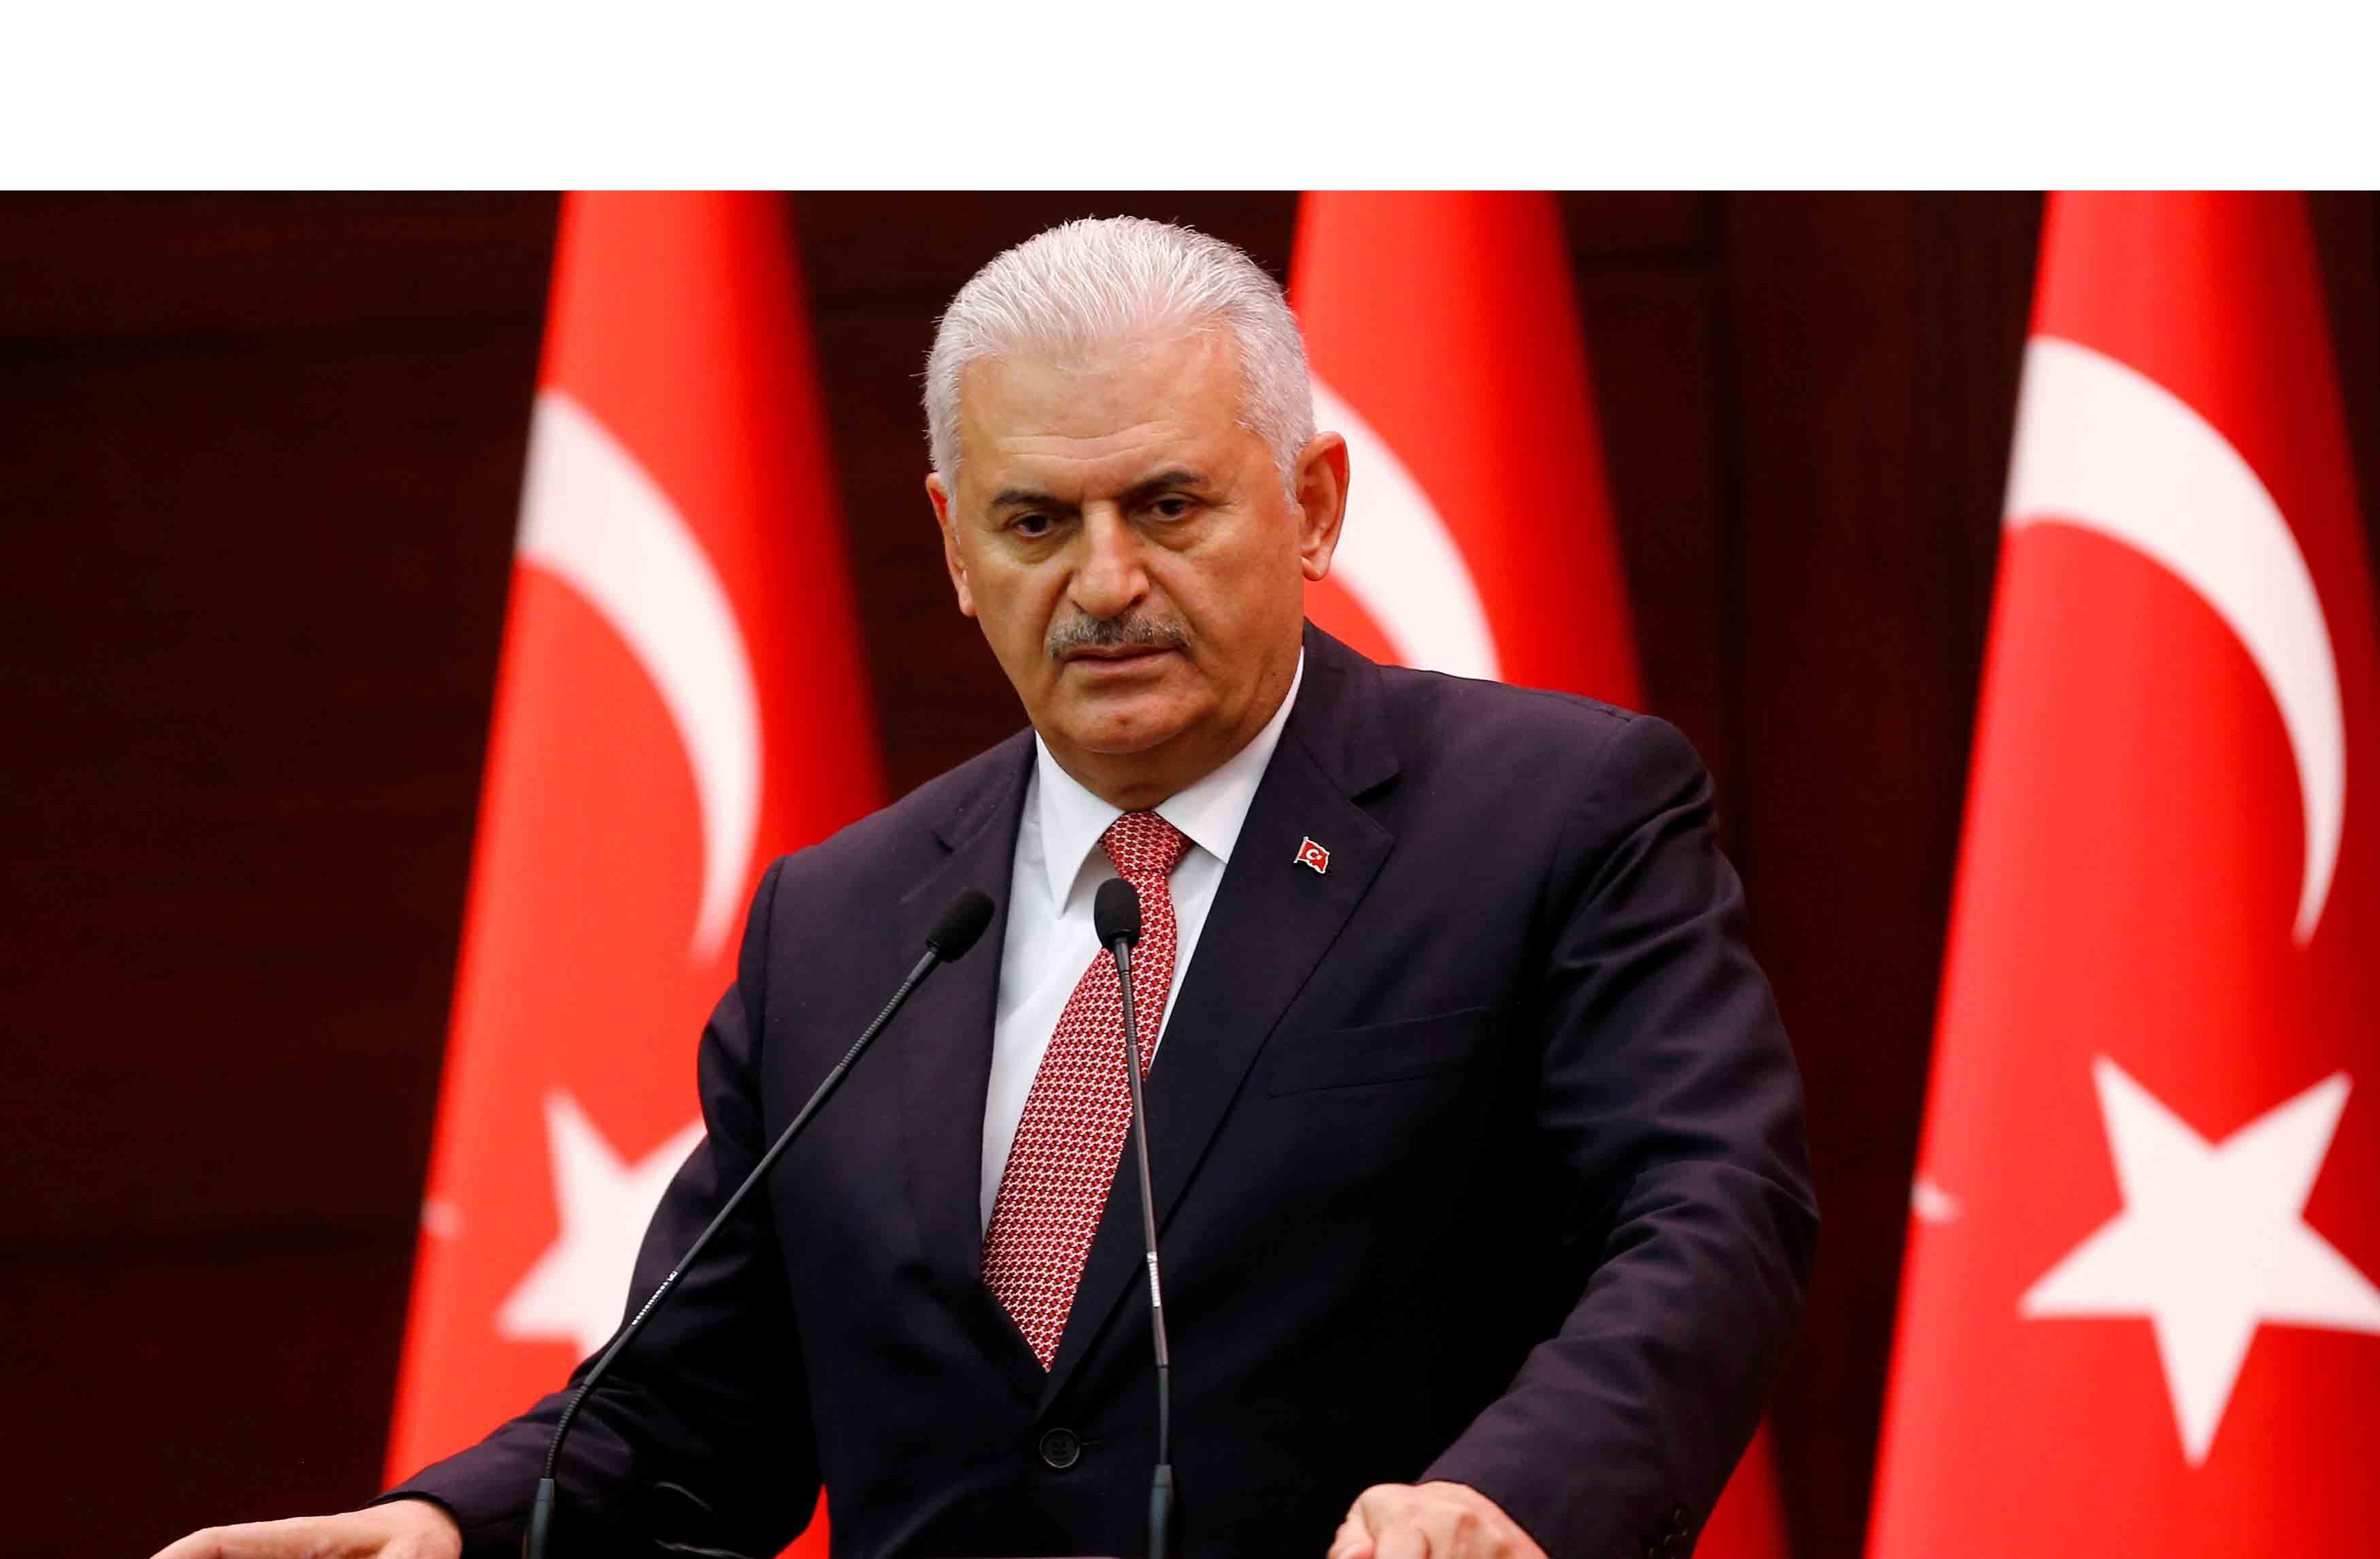 Han sido detenidos 7.543 sospechosos, entre ellos 6.038 soldados, 100 policías, 755 jueces y fiscales, así como 650 civiles